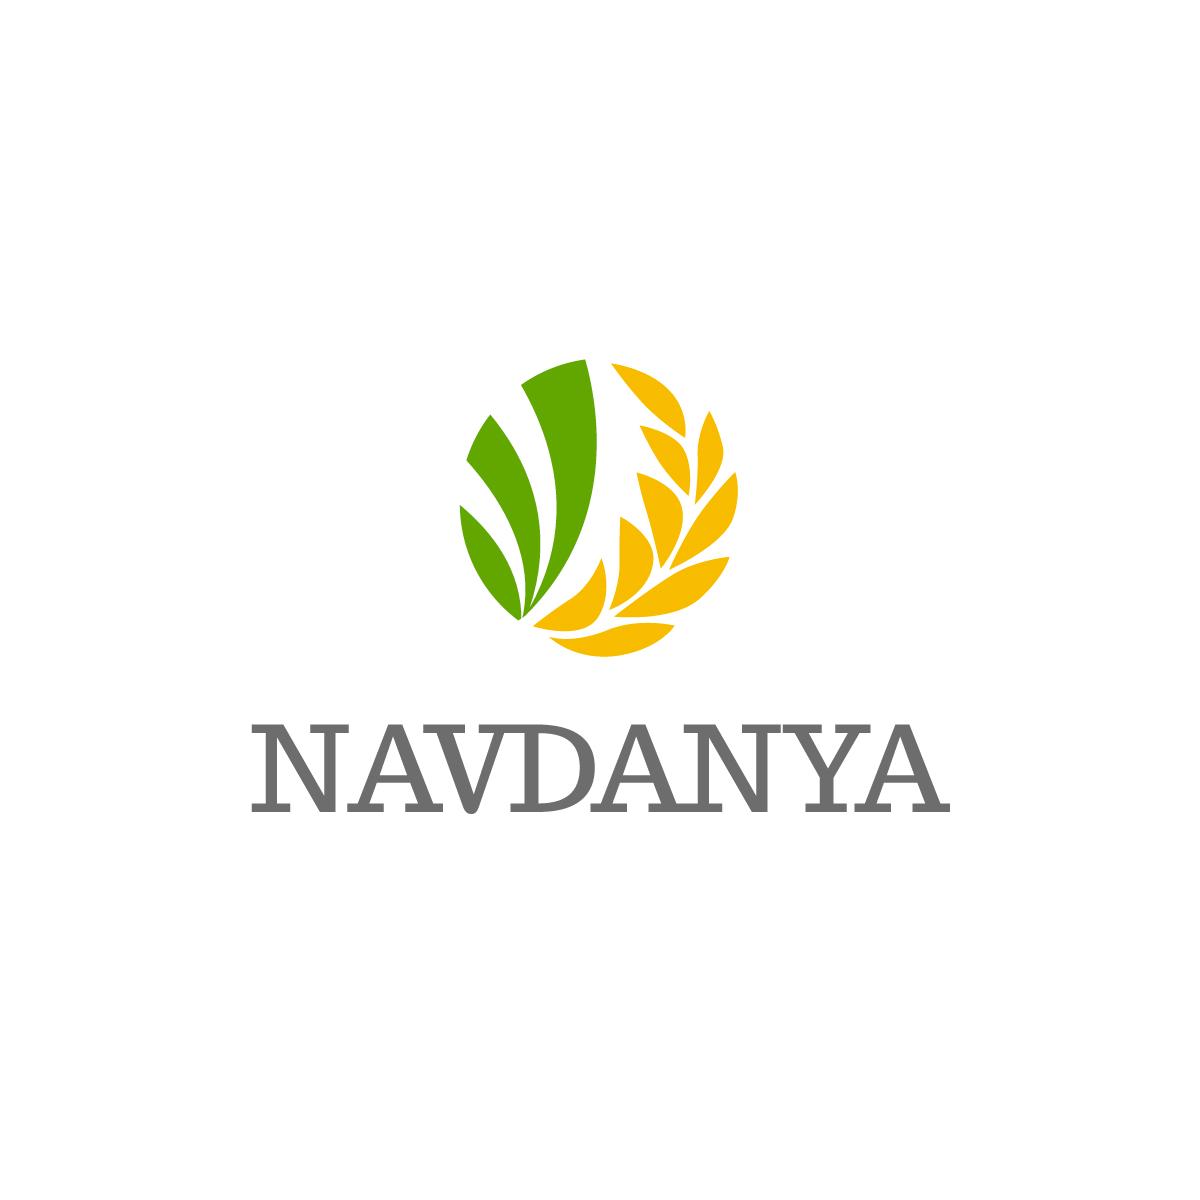 Elegant Playful Business Logo Design For Navdanya By